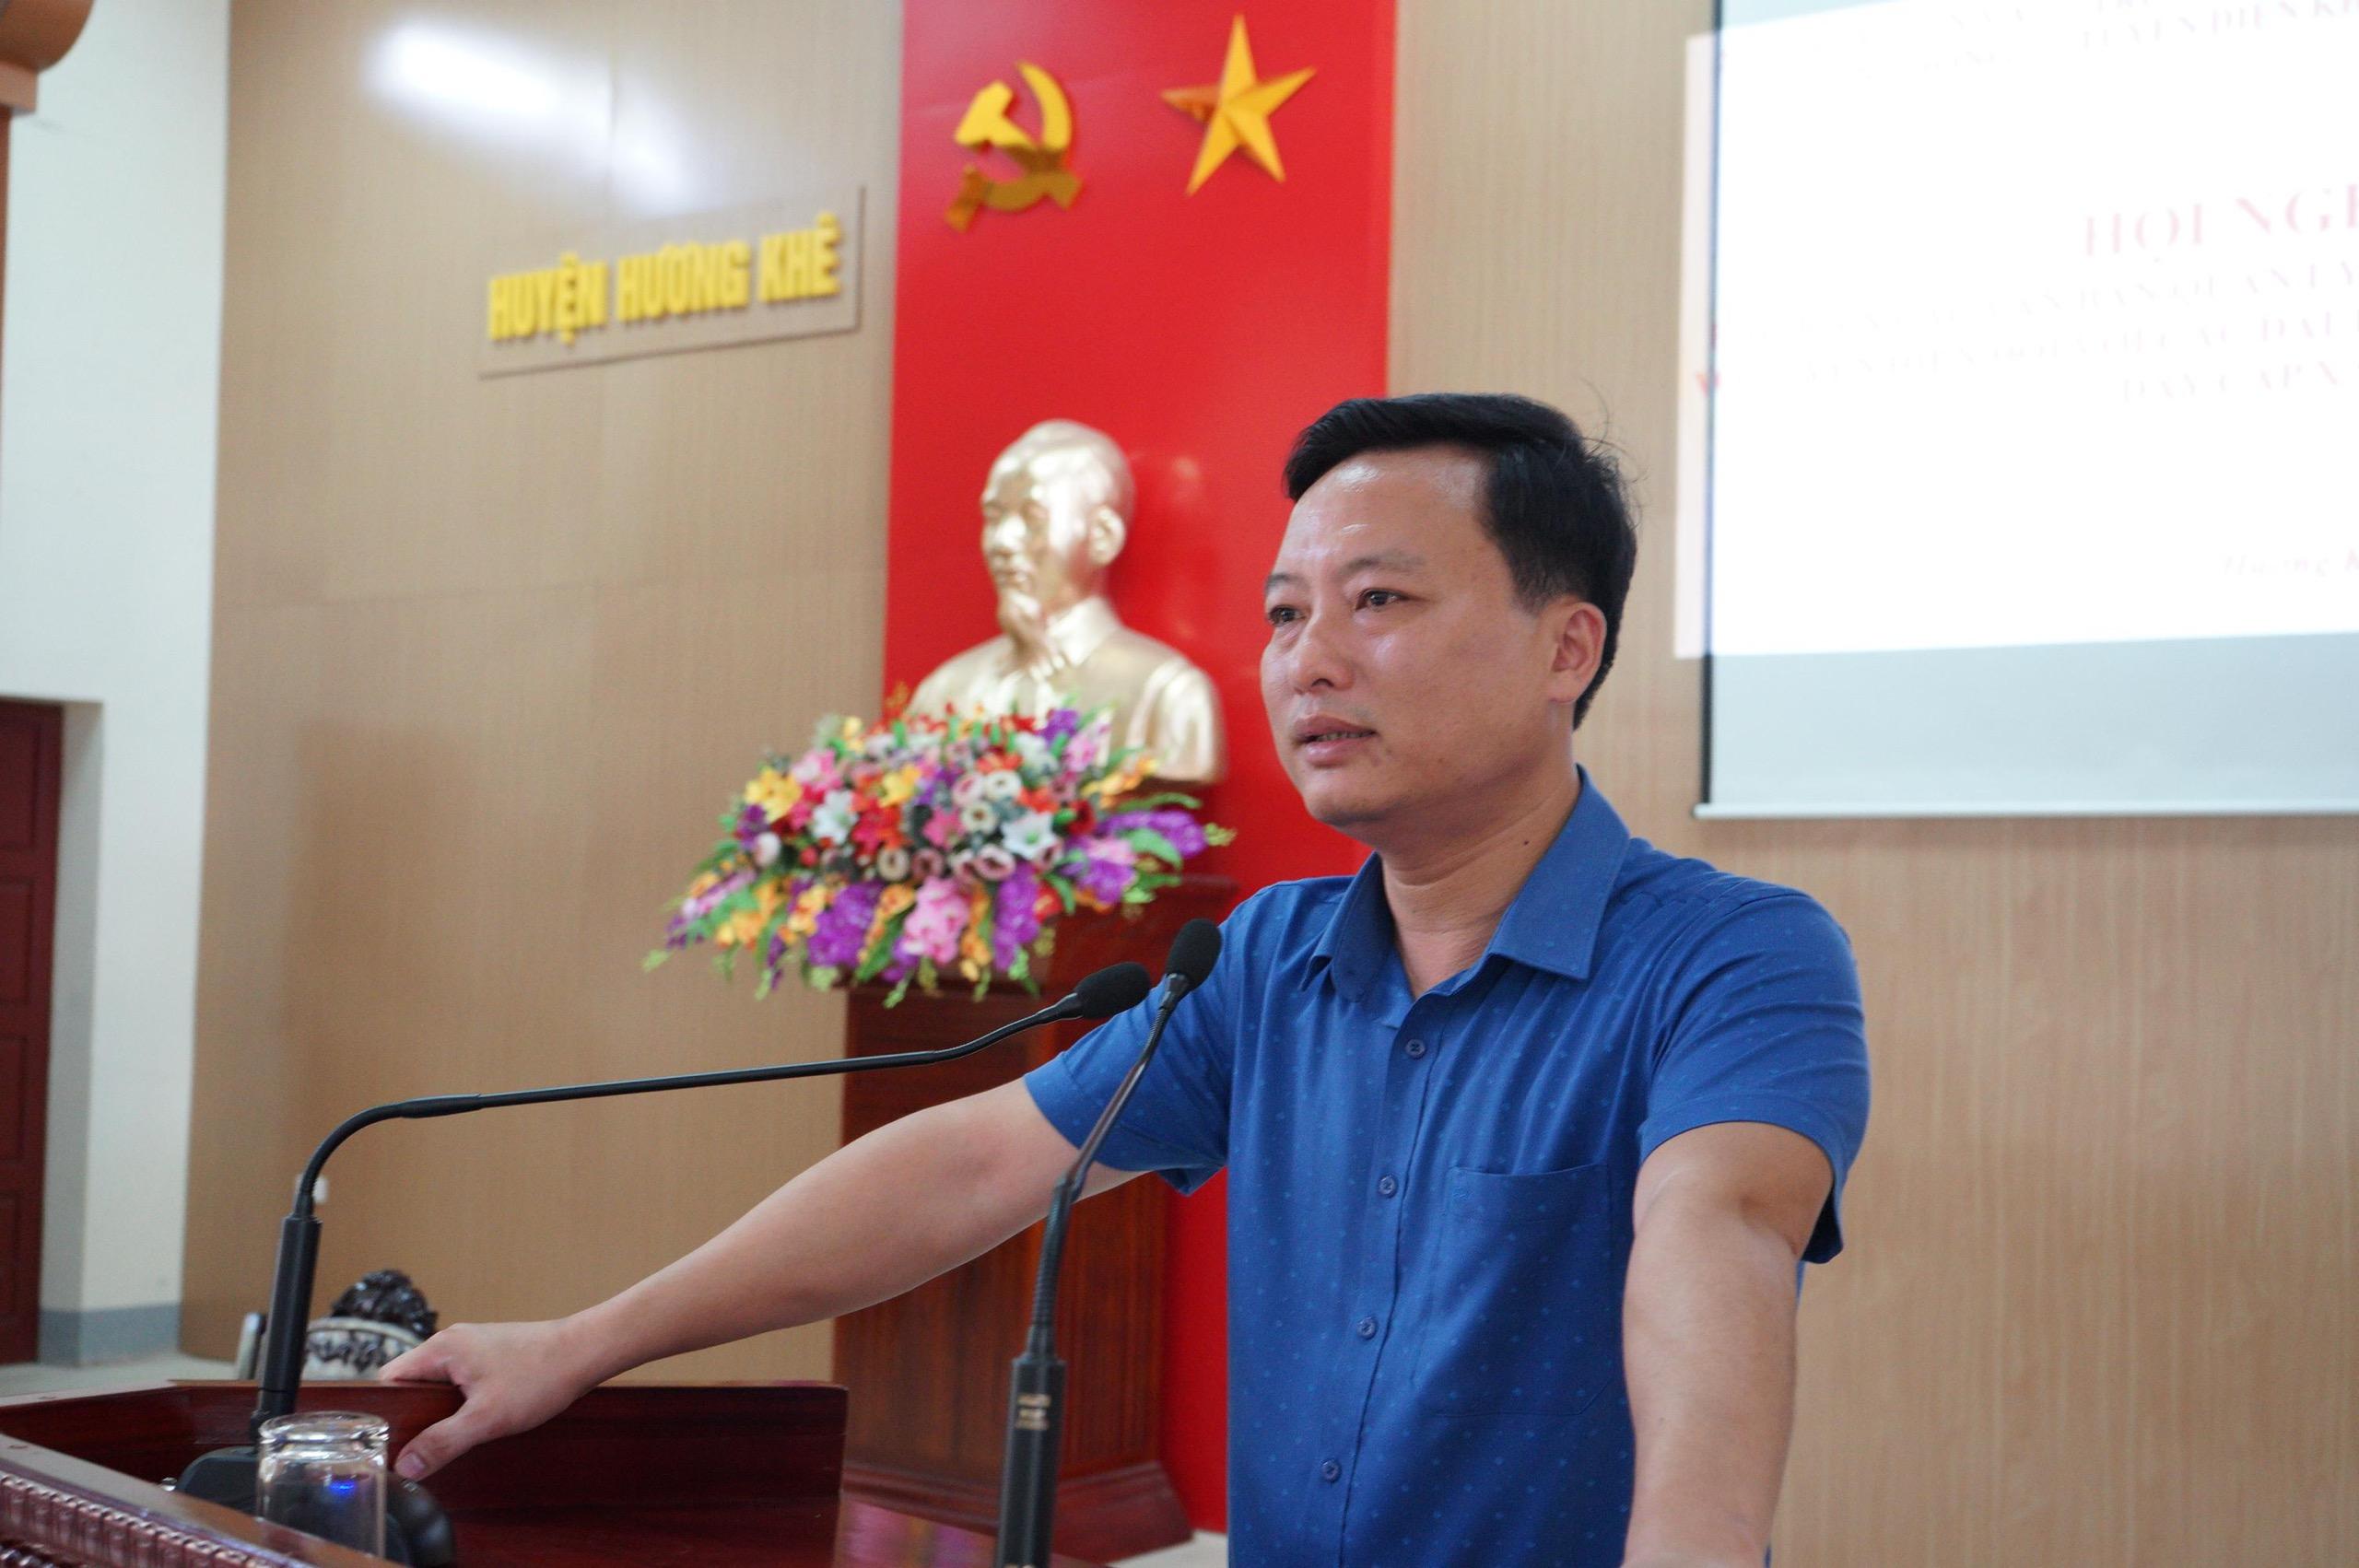 Hội nghị phổ biến các quy định về tần số vô tuyến điện cho cán bộ đài truyền thanh không dây tại huyện Hương Khê